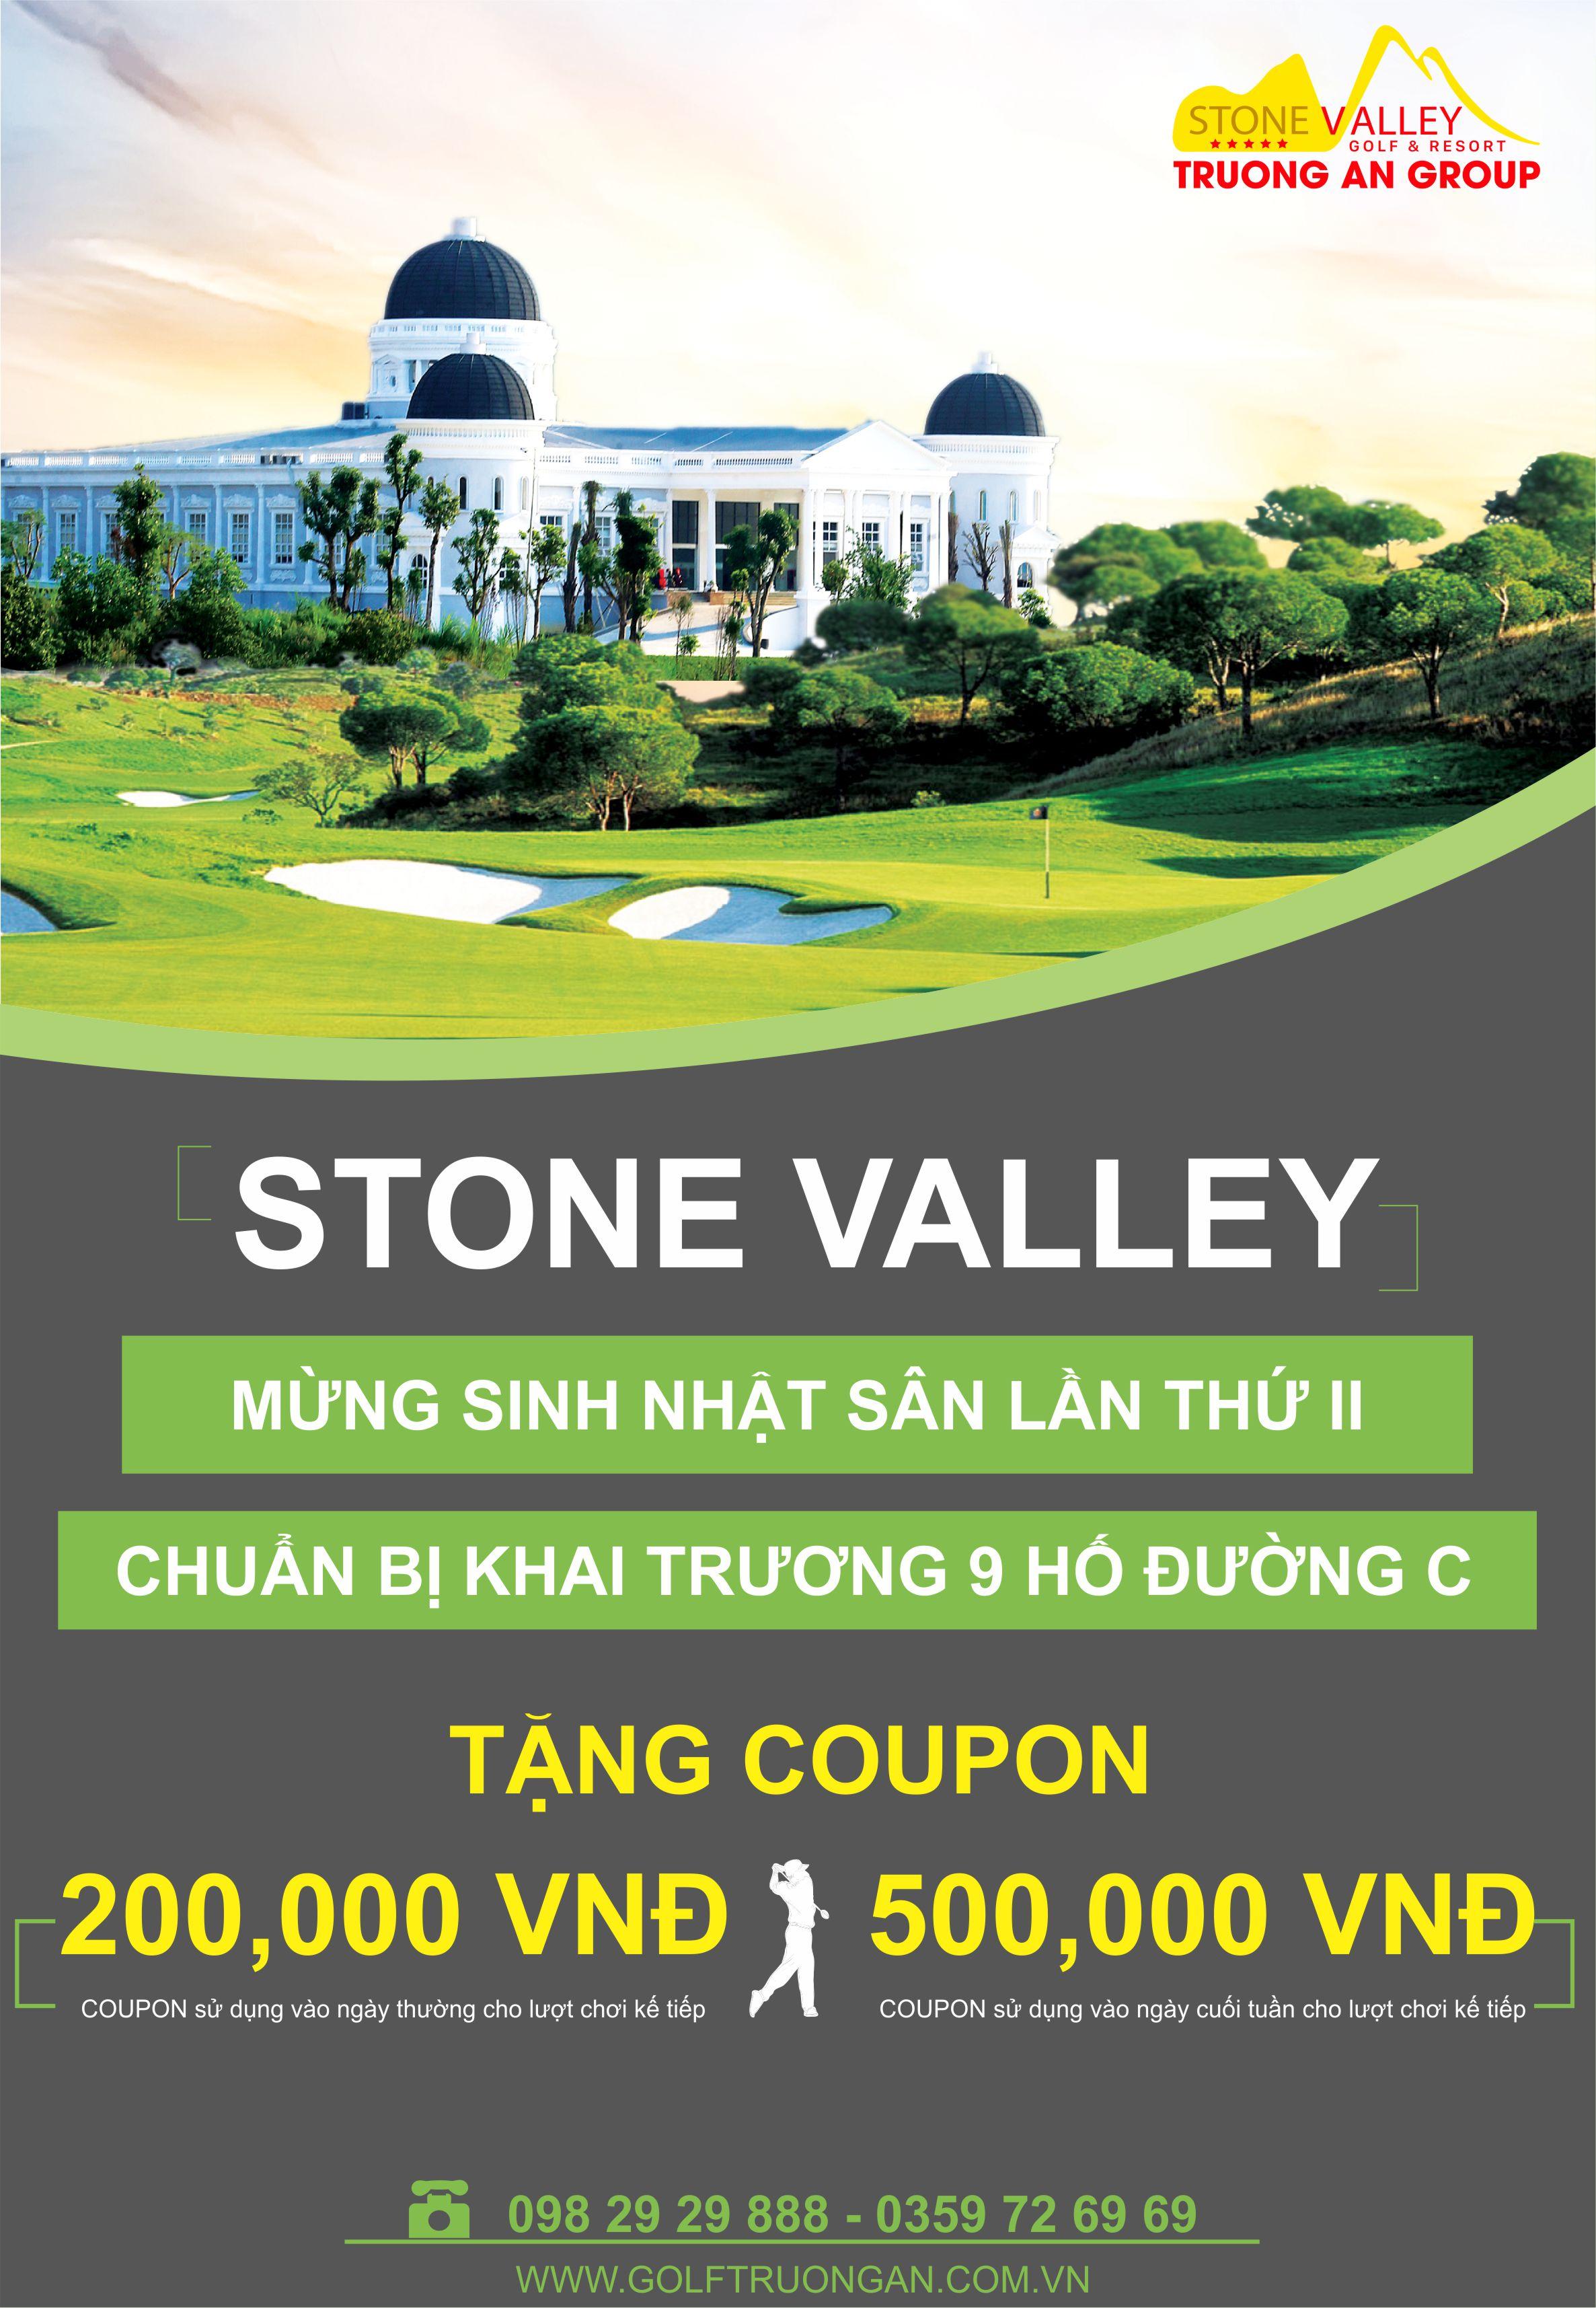 Mừng sinh nhật Stone Valley Golf & Resort lần II & Chuẩn bị mở cửa 9 hố đường C